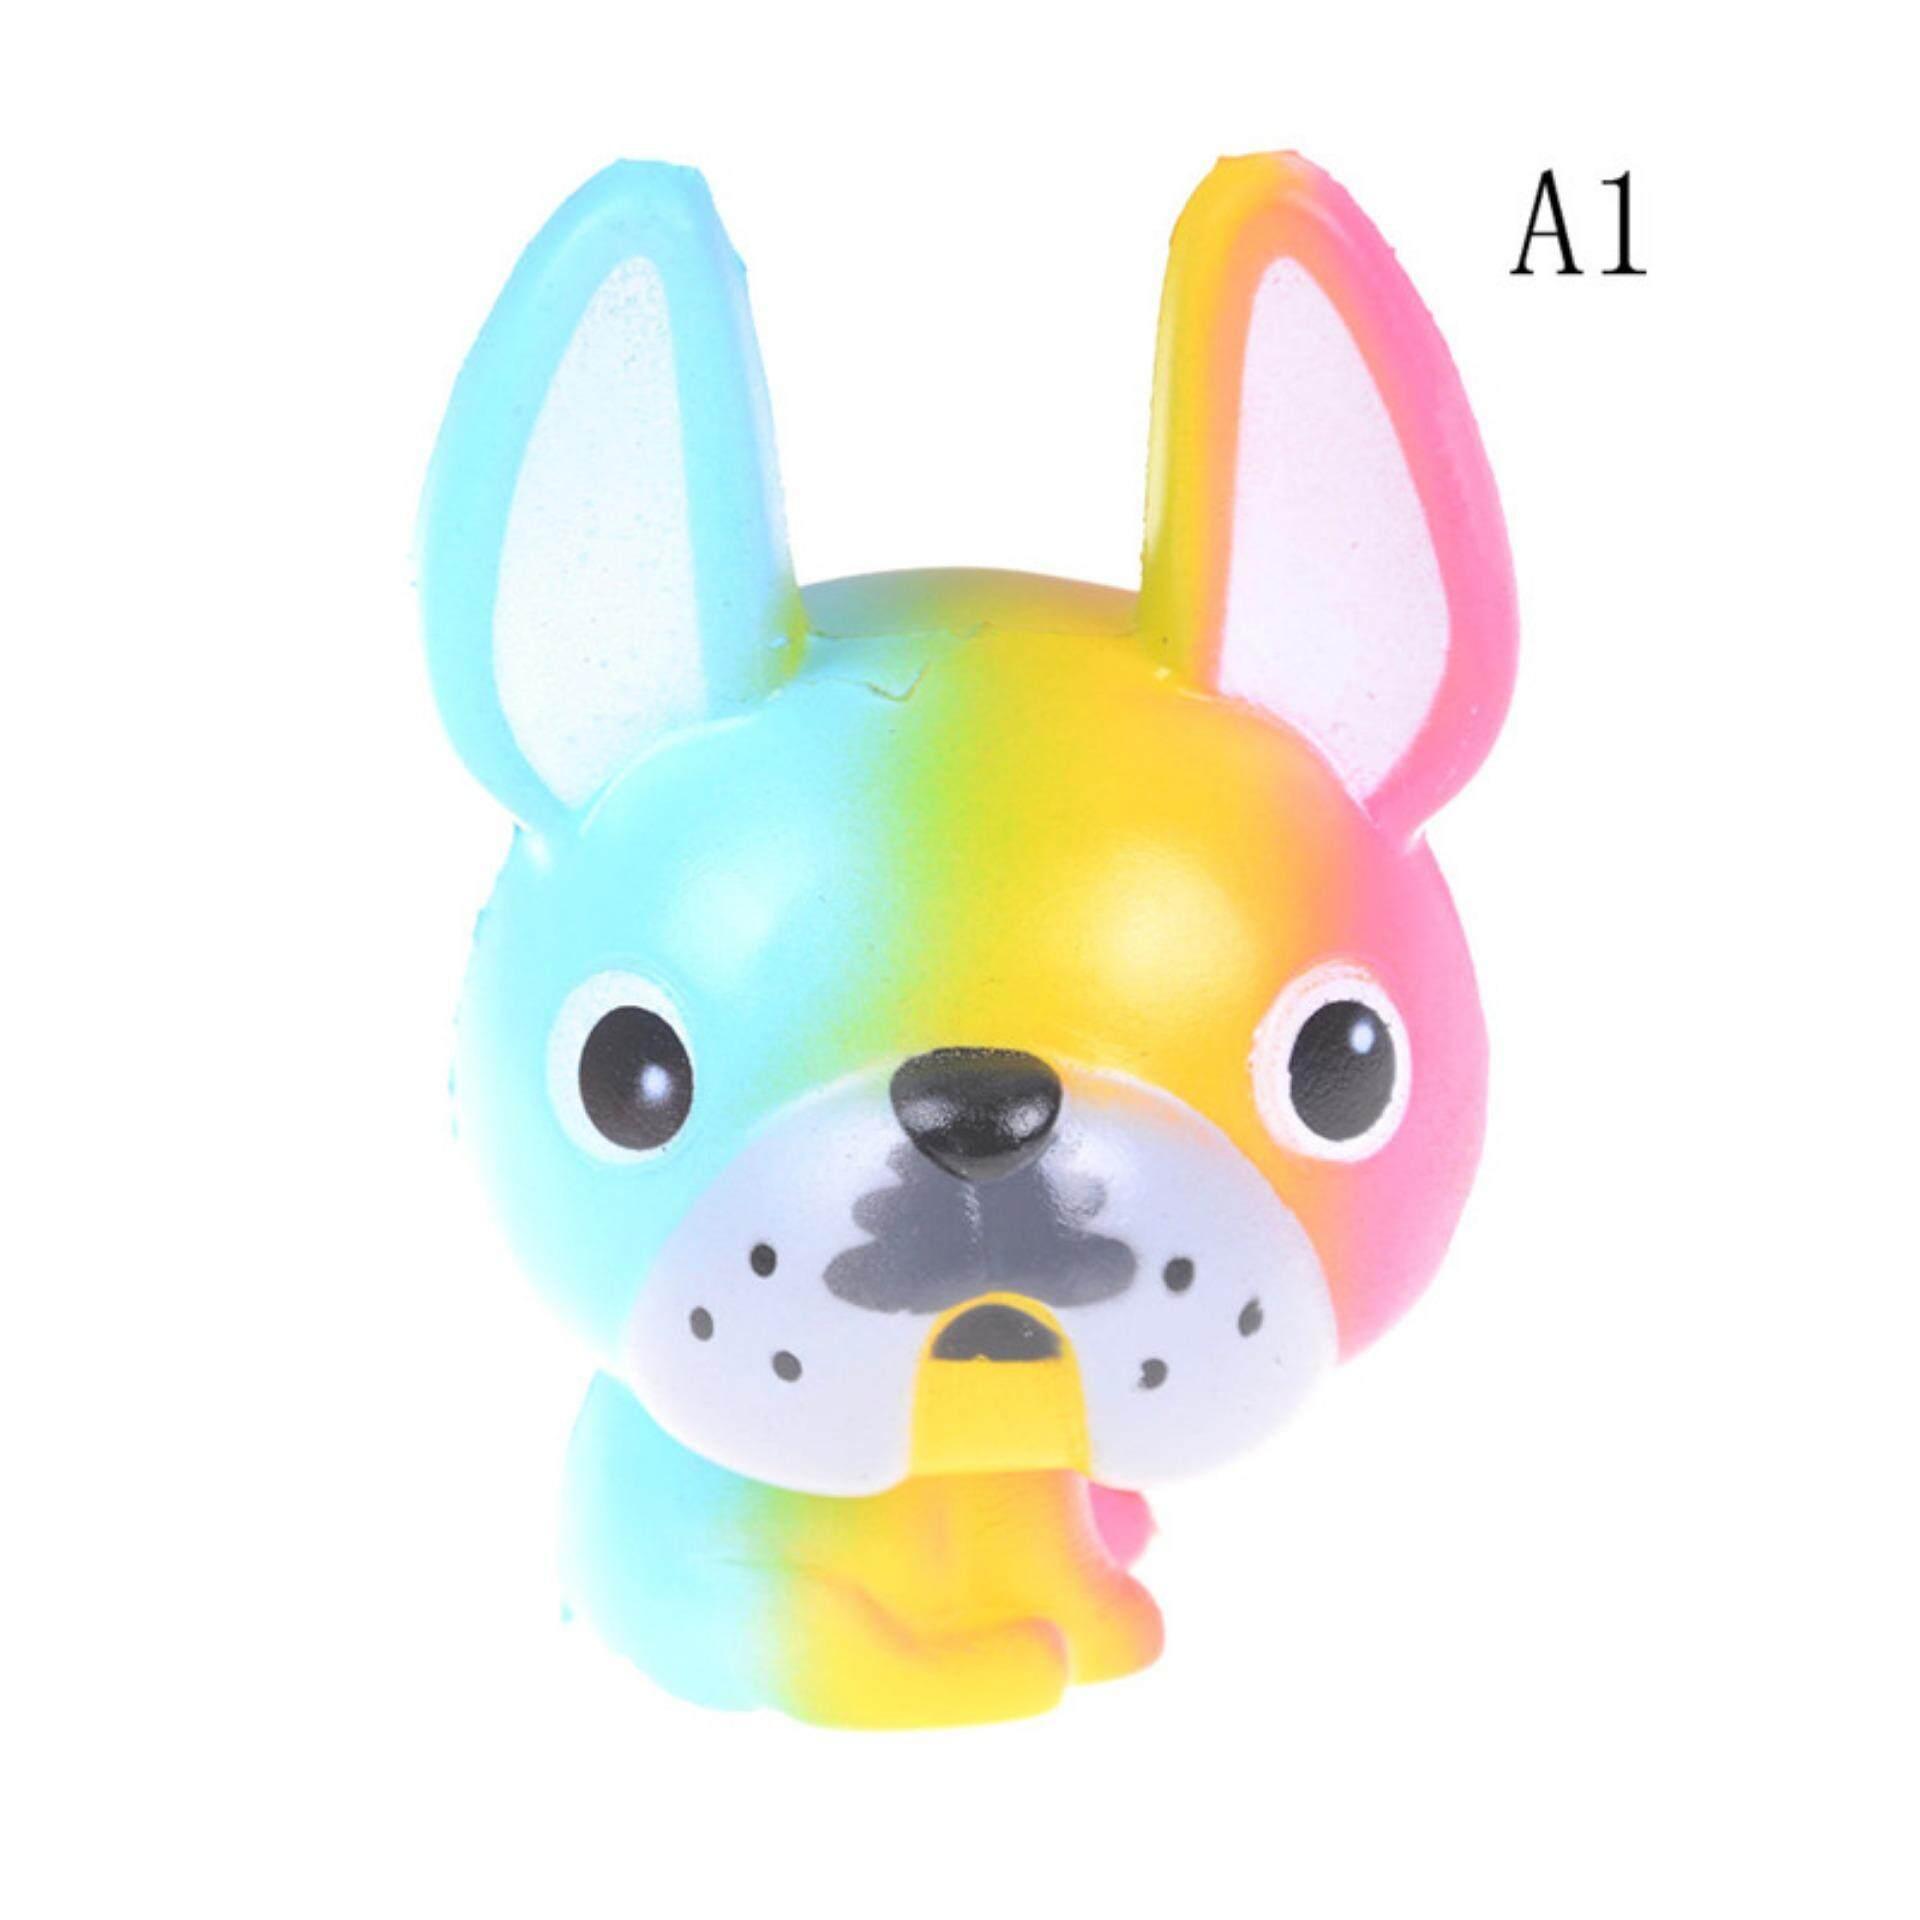 Warna-warni Sedih Anjing Lambat Rising Krim Scented Tali Gantungan HP Mainan untuk Hadiah Terbaik untuk Anak-anak A1-Intl